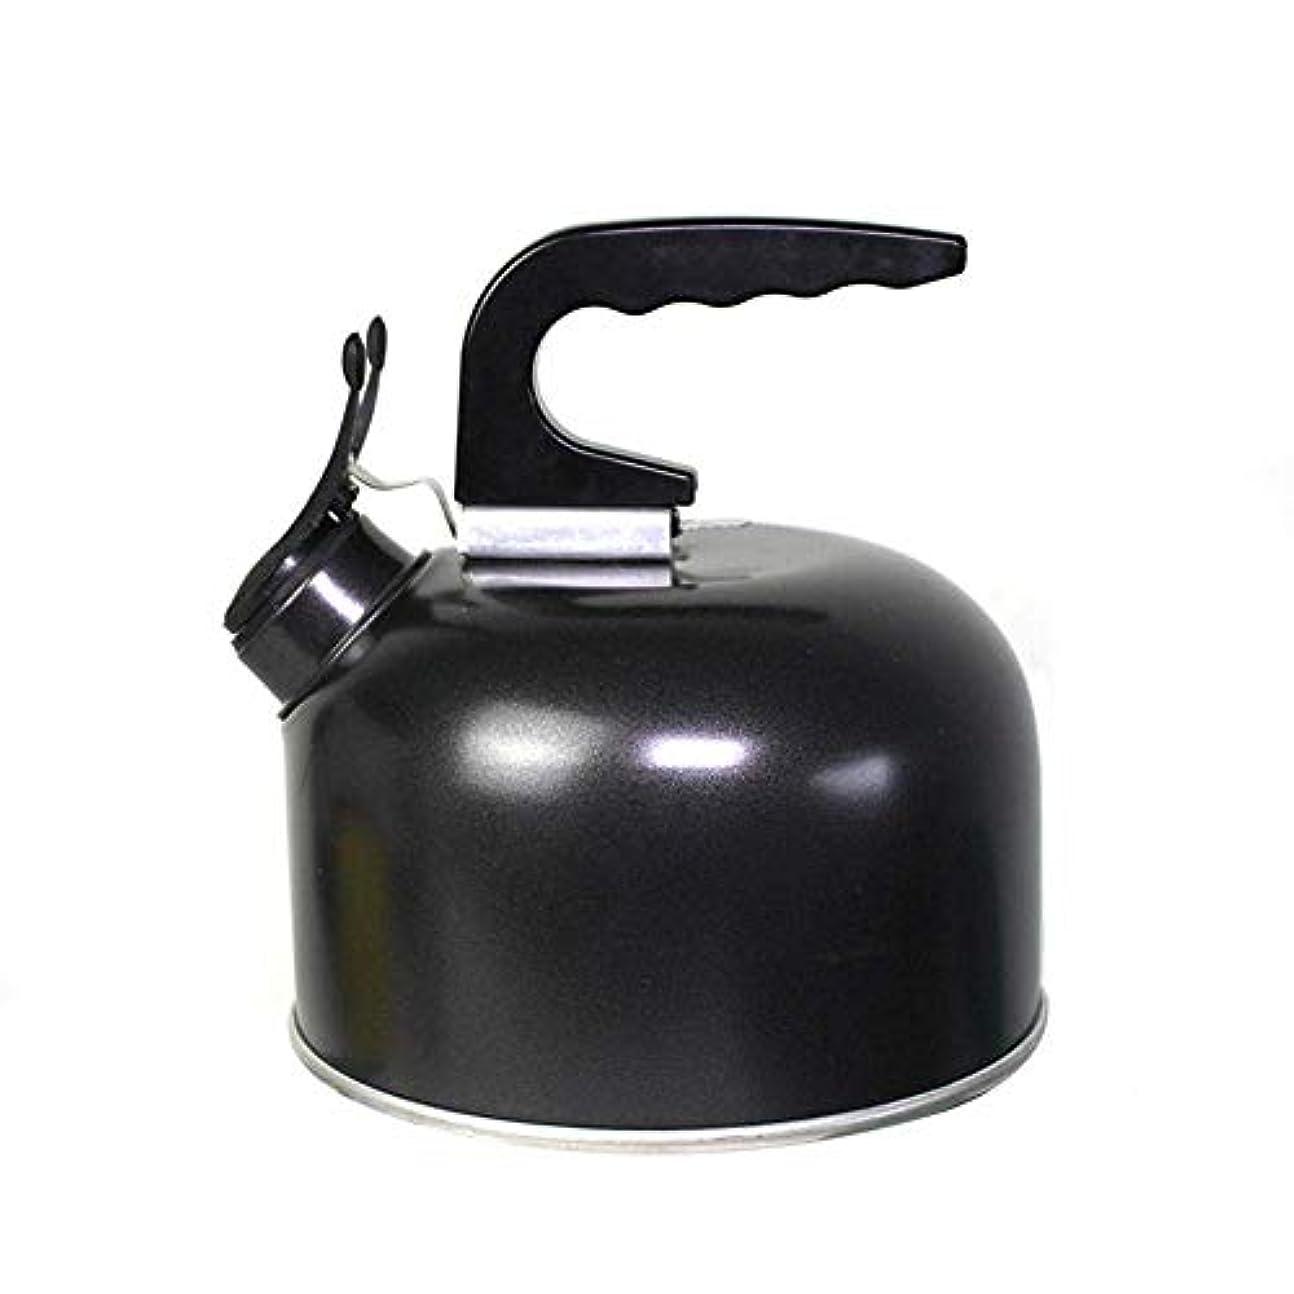 荒野ミキサー煙メタルキャンプケトルホイッスルアウトドアキャンプライディング便利なアウトドアコーヒーポット1.7L